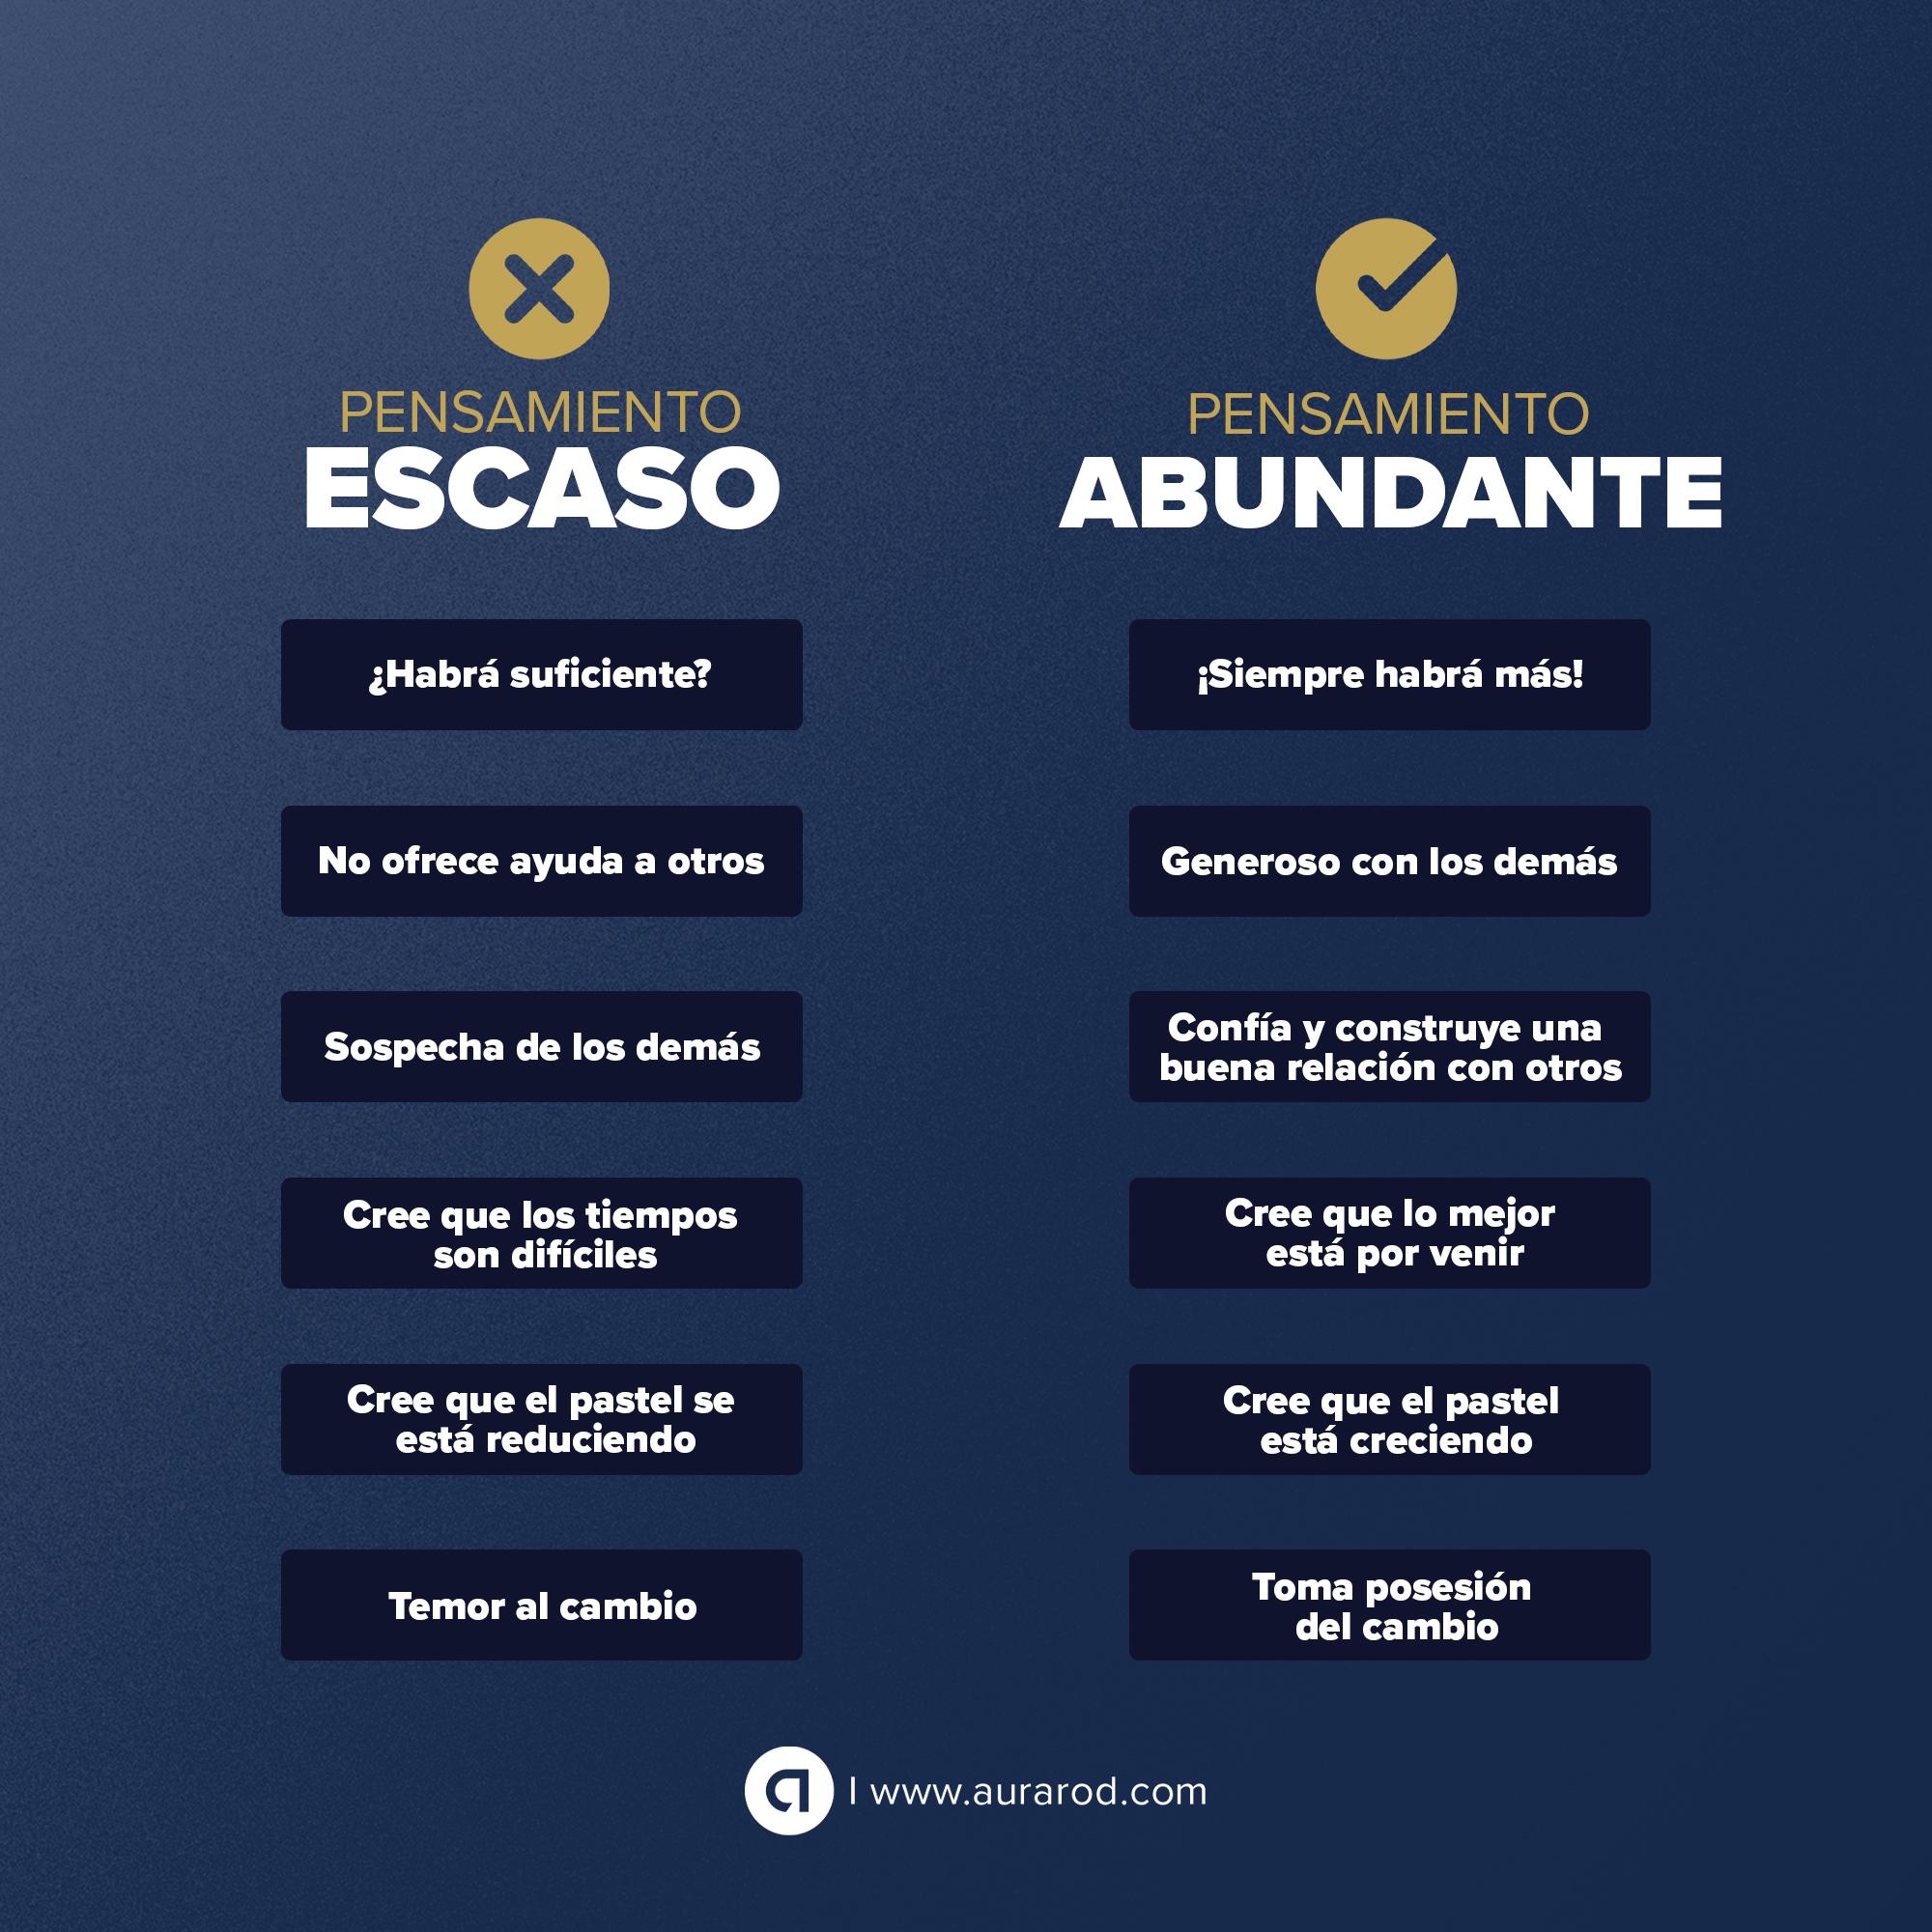 Pensamiento escaso vs pensamiento abundante infografia